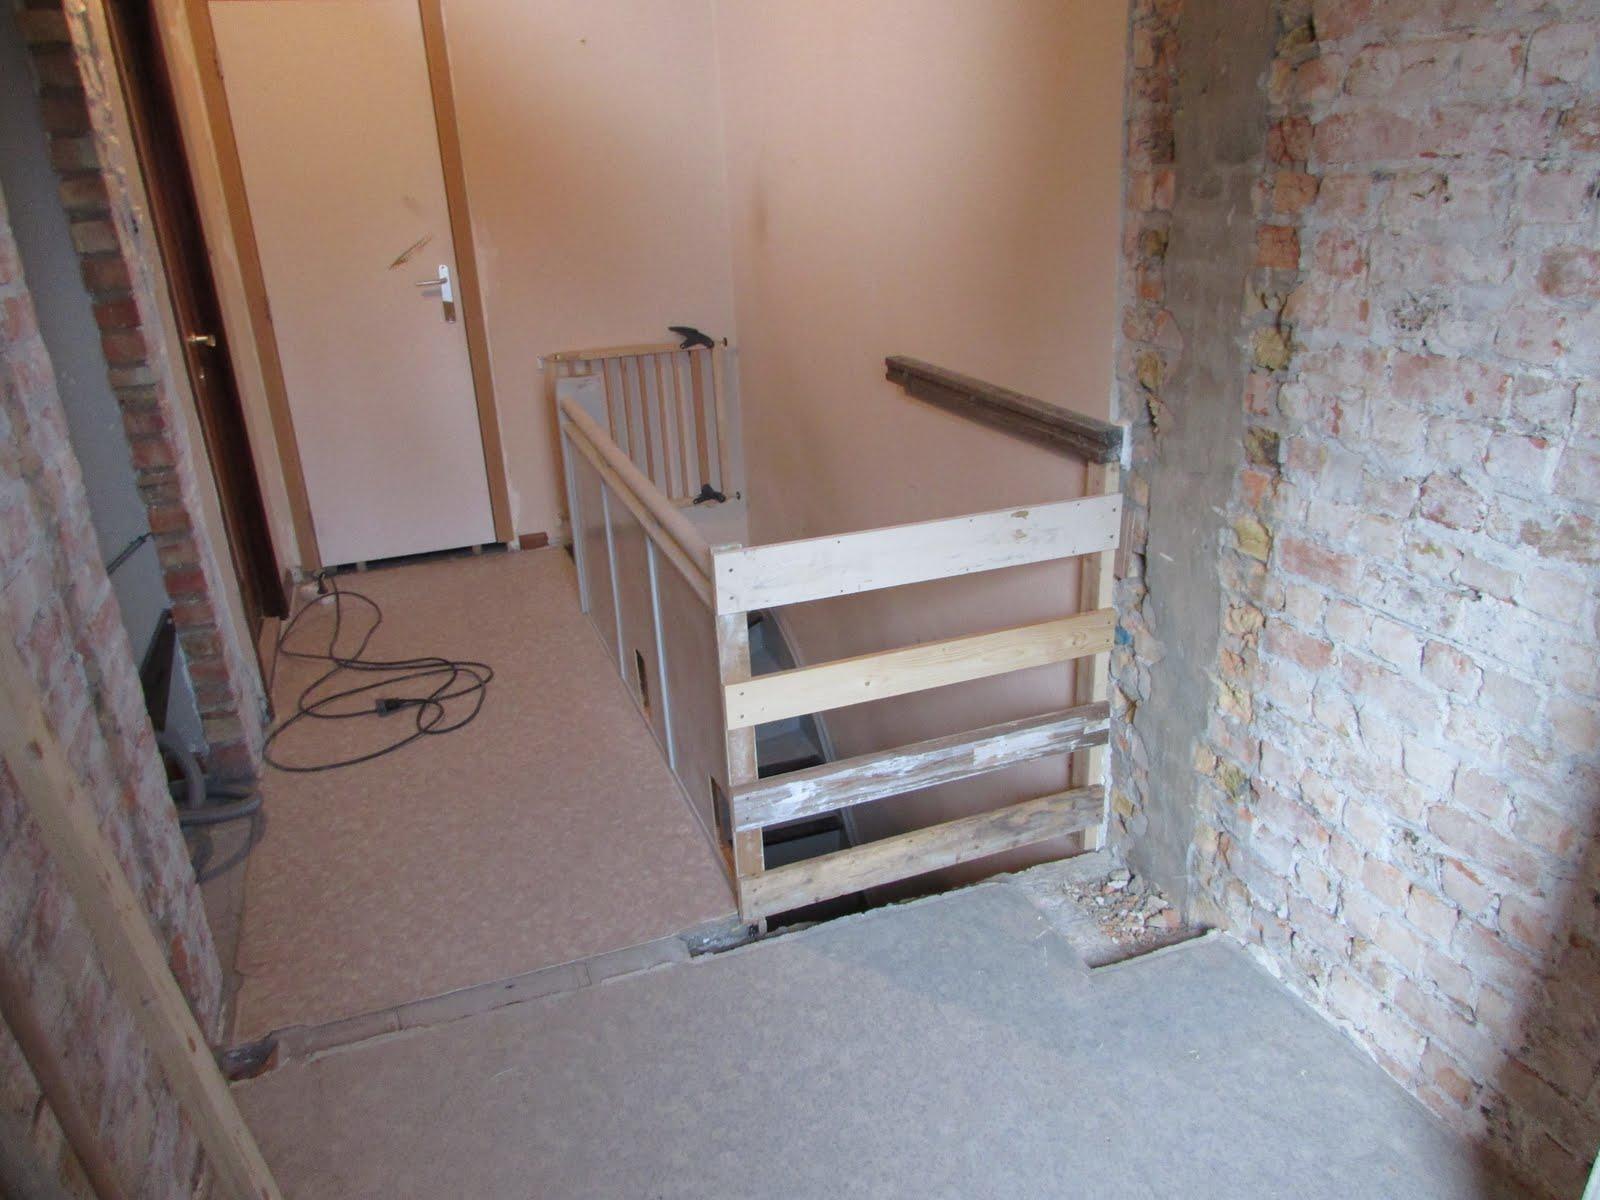 Verbouwing van ons ouderlijk huis afbraak boven dag 11 - Trap toegang tot zolder ...